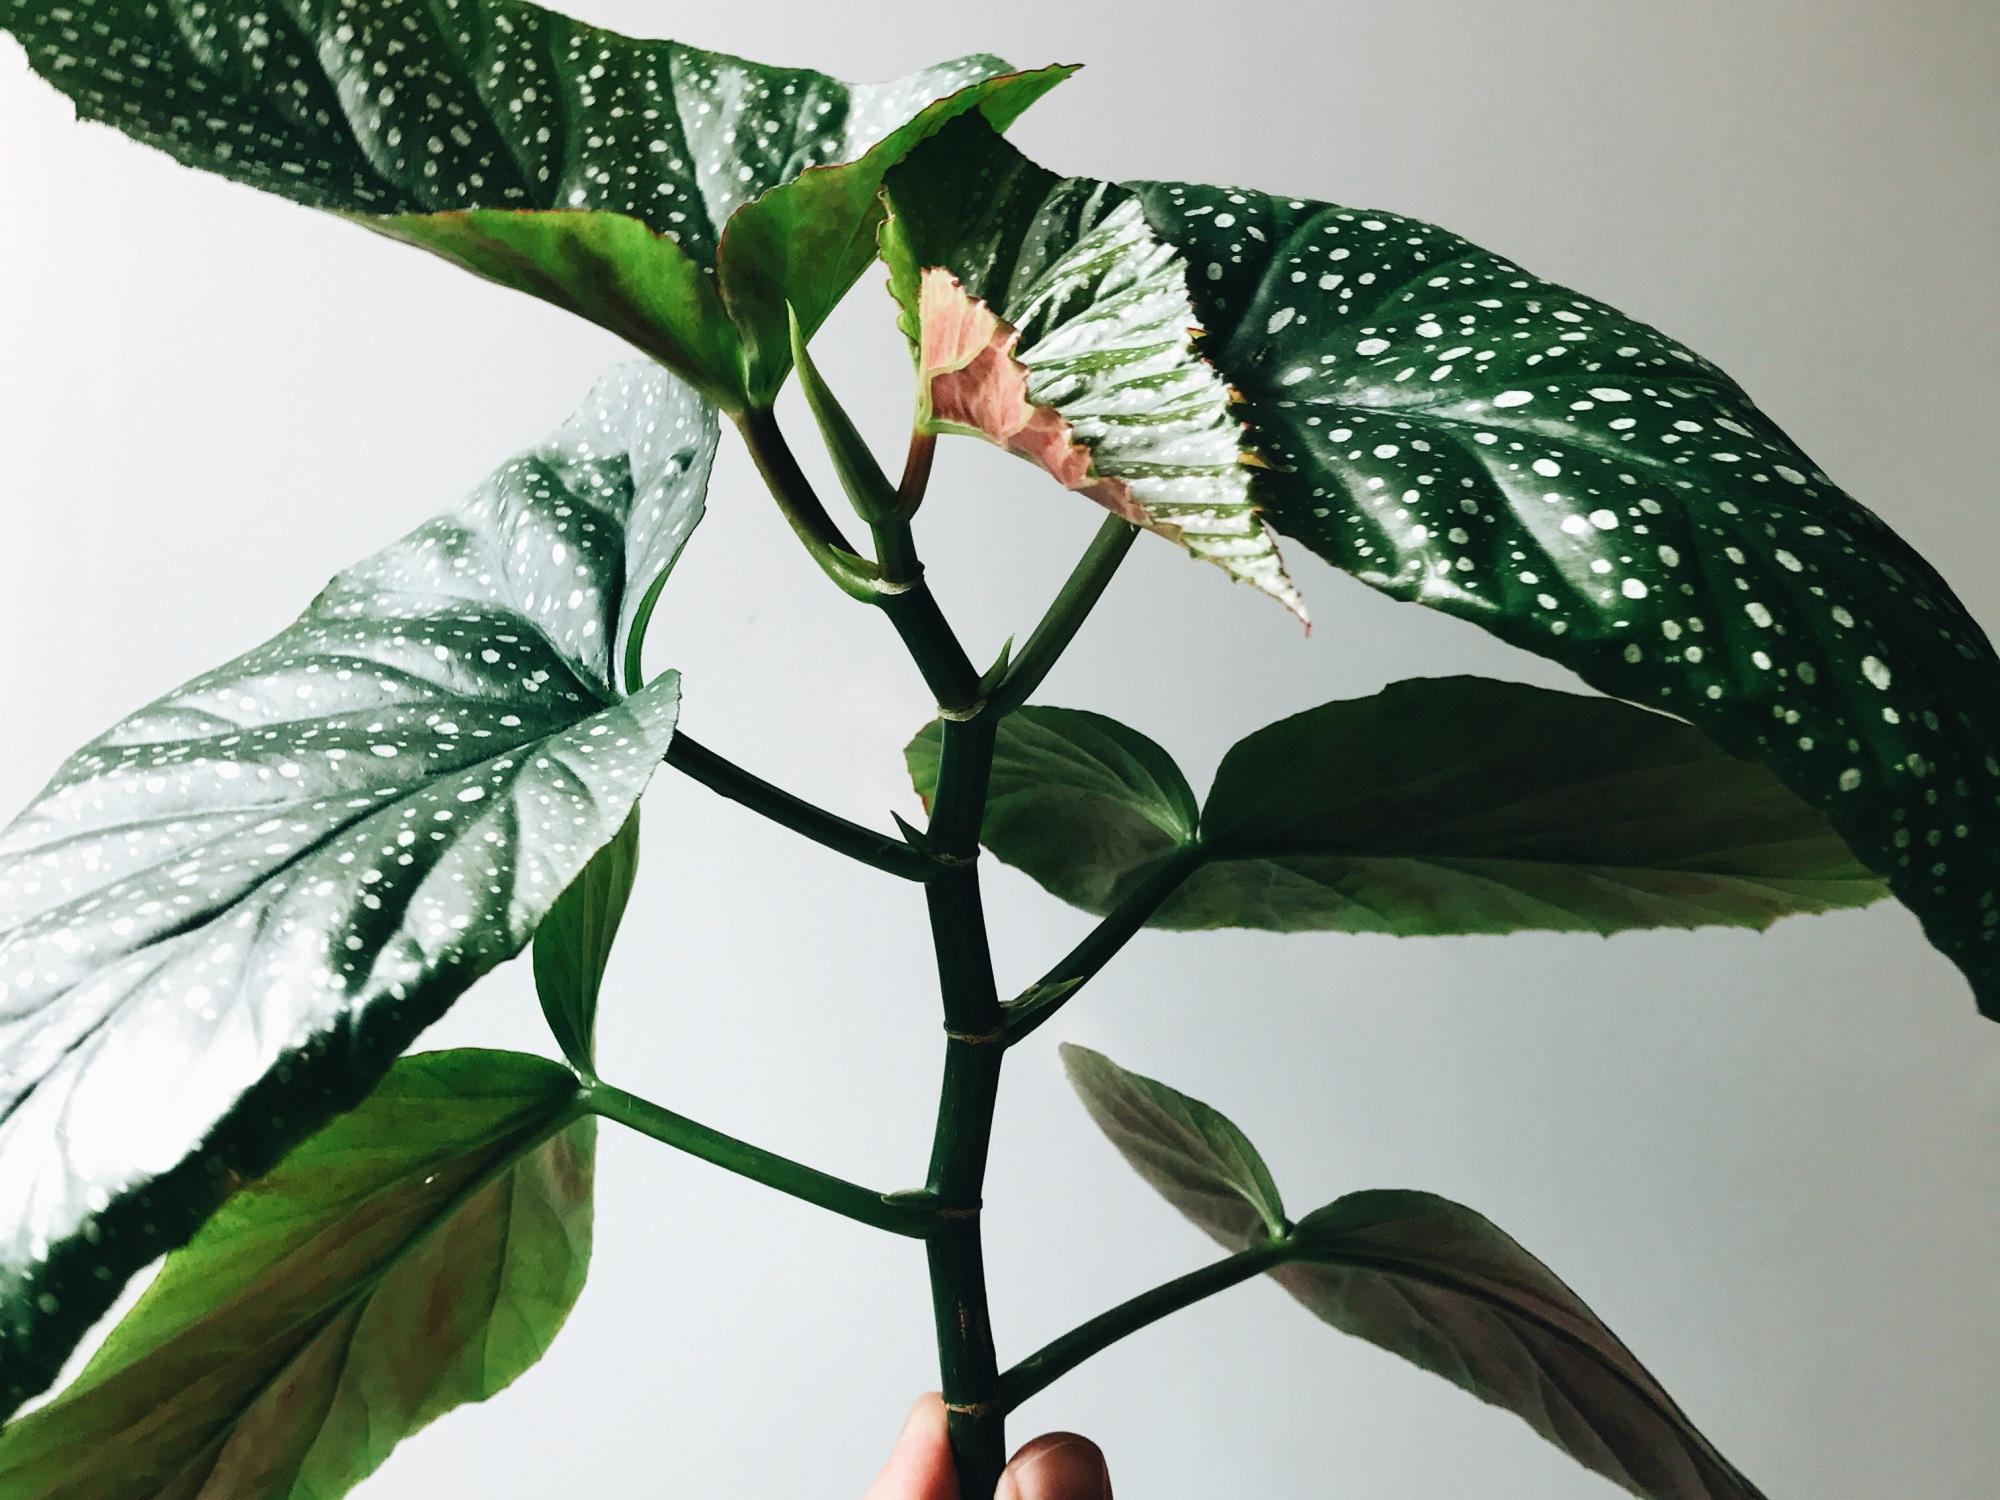 Begonia grown by @upleafting